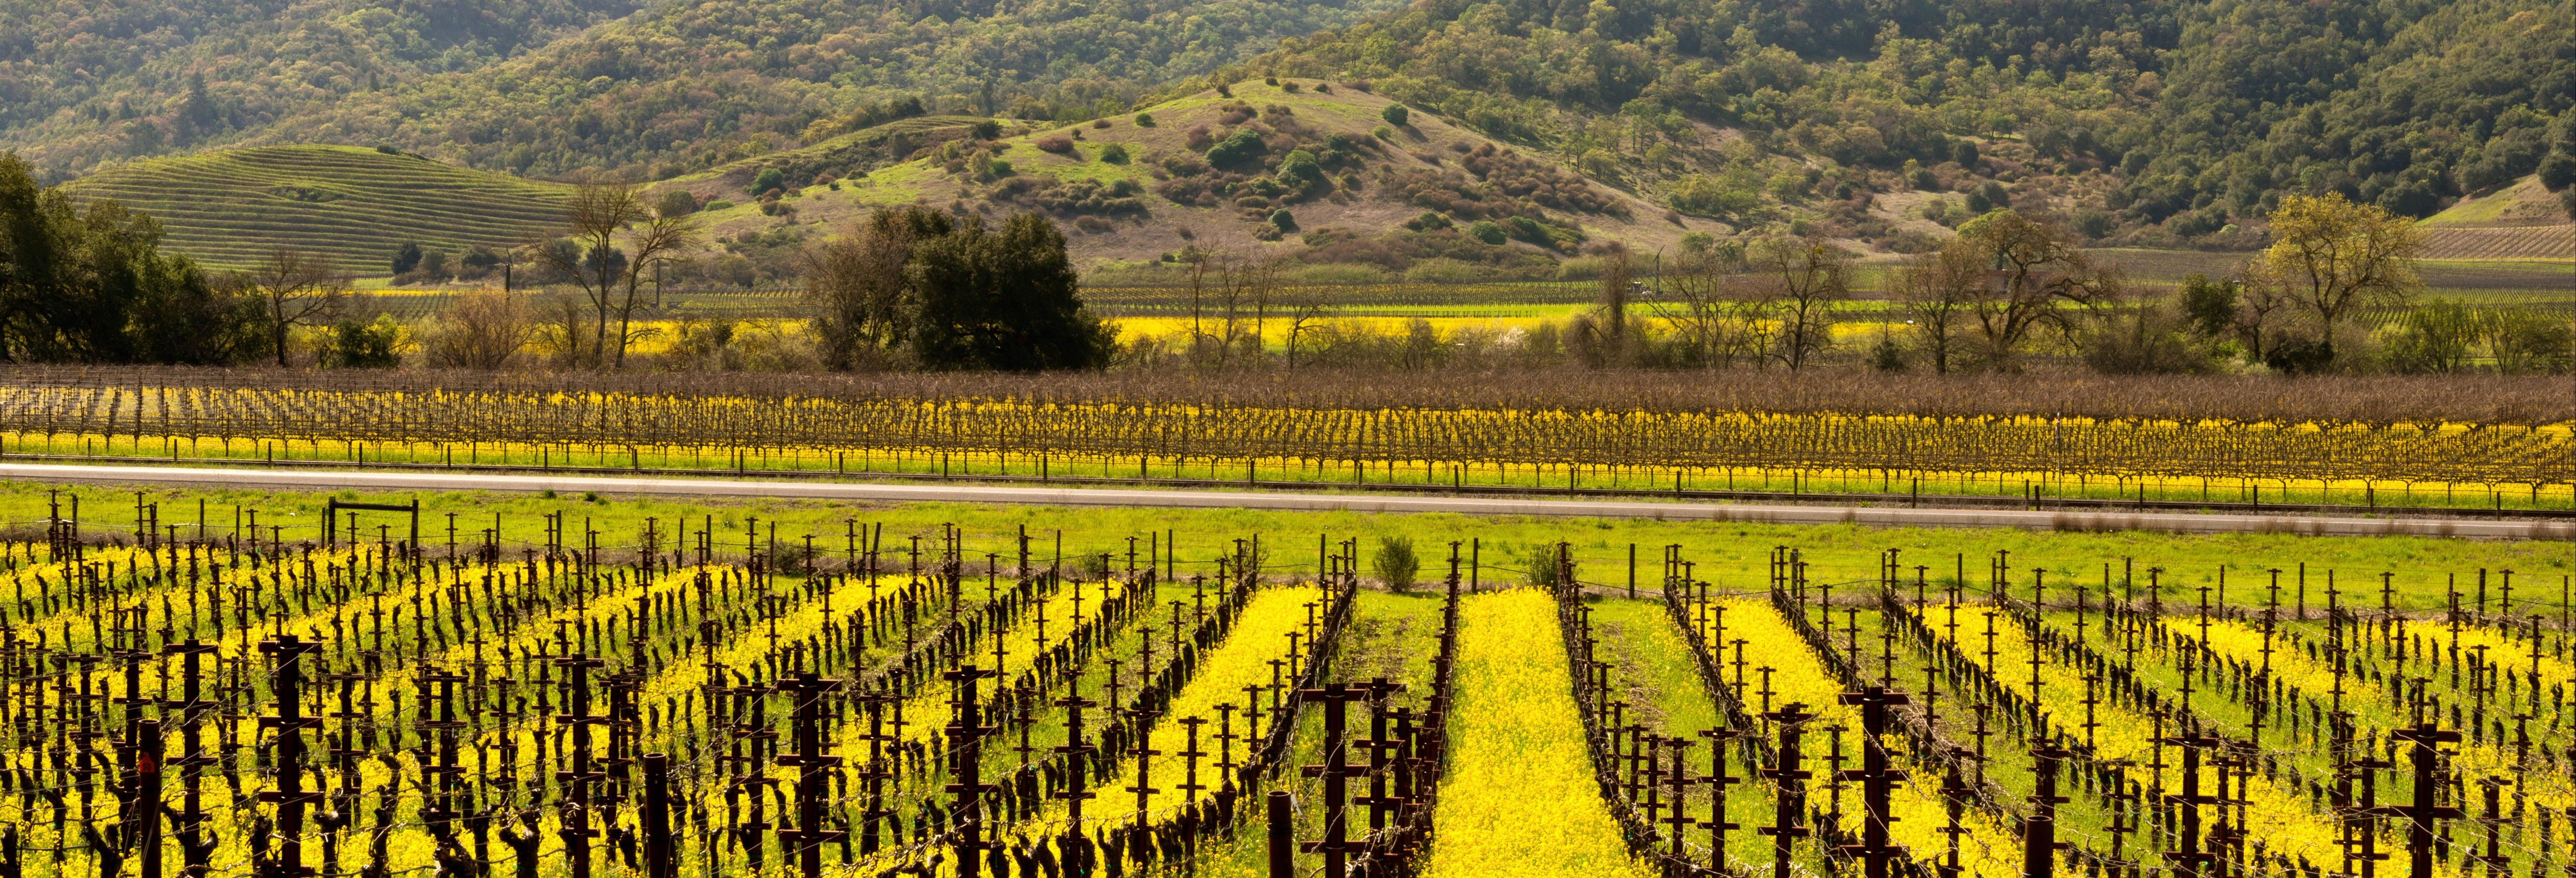 Excursion aux vallées viticoles de Napa et Sonoma